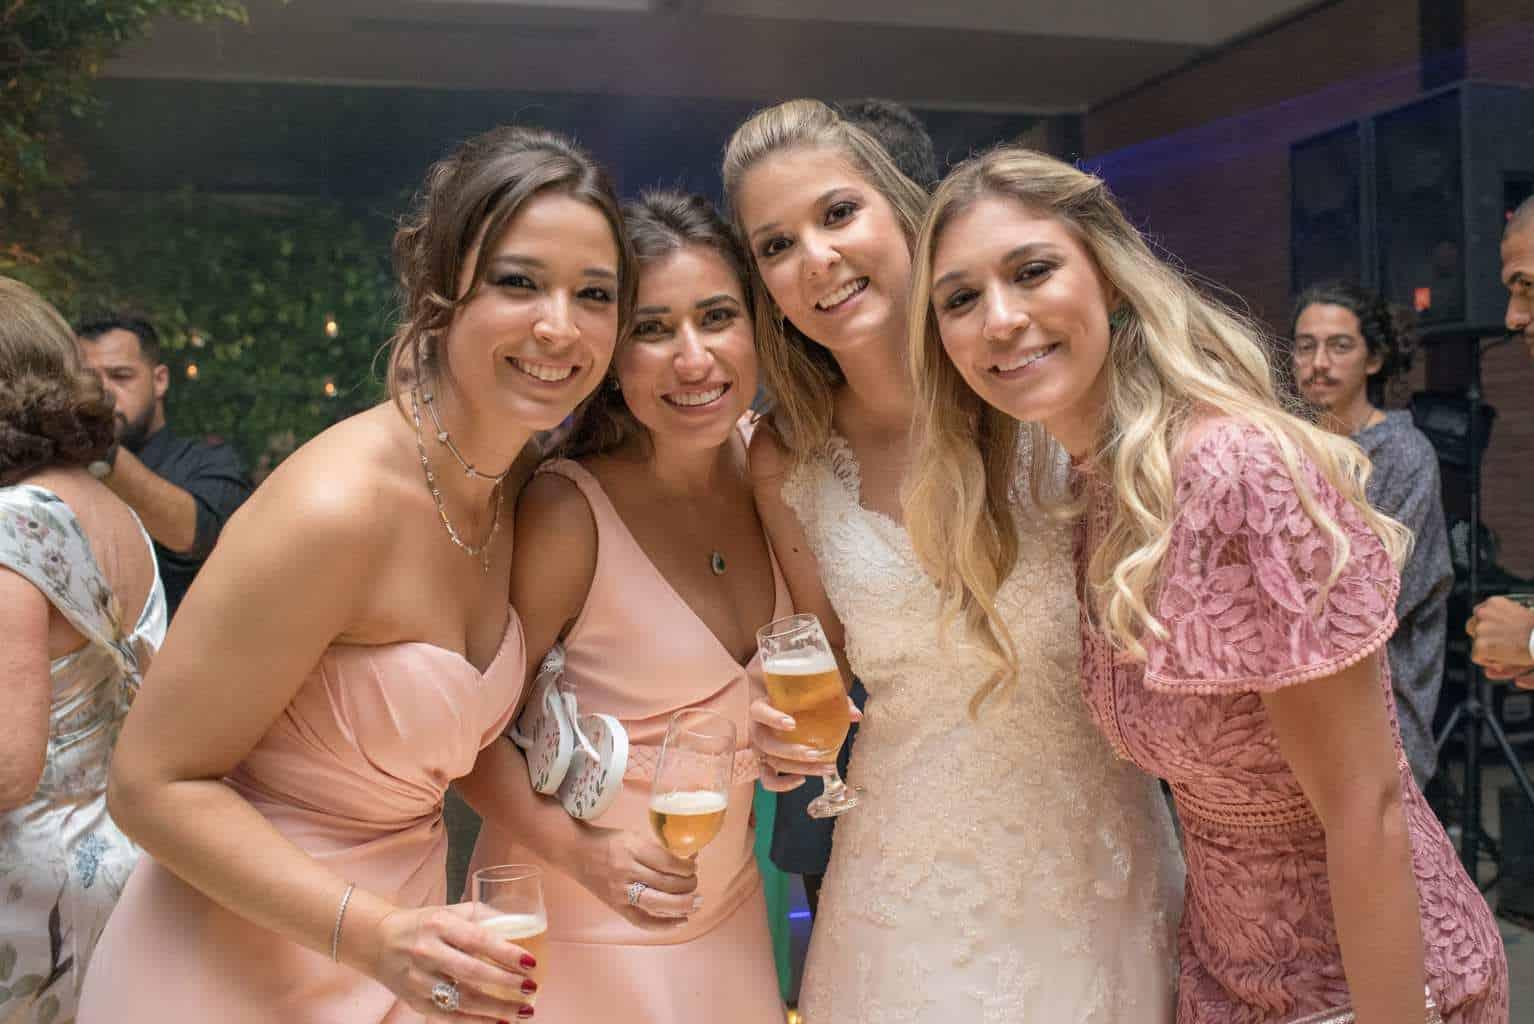 casamento-de-dia-casamento-Nicole-e-Thales-casamento-no-jardim-csasamento-ao-ar-livre-Fotografia-Marina-Fava-Galeria-Jardim-Rio-de-Janeiro-135